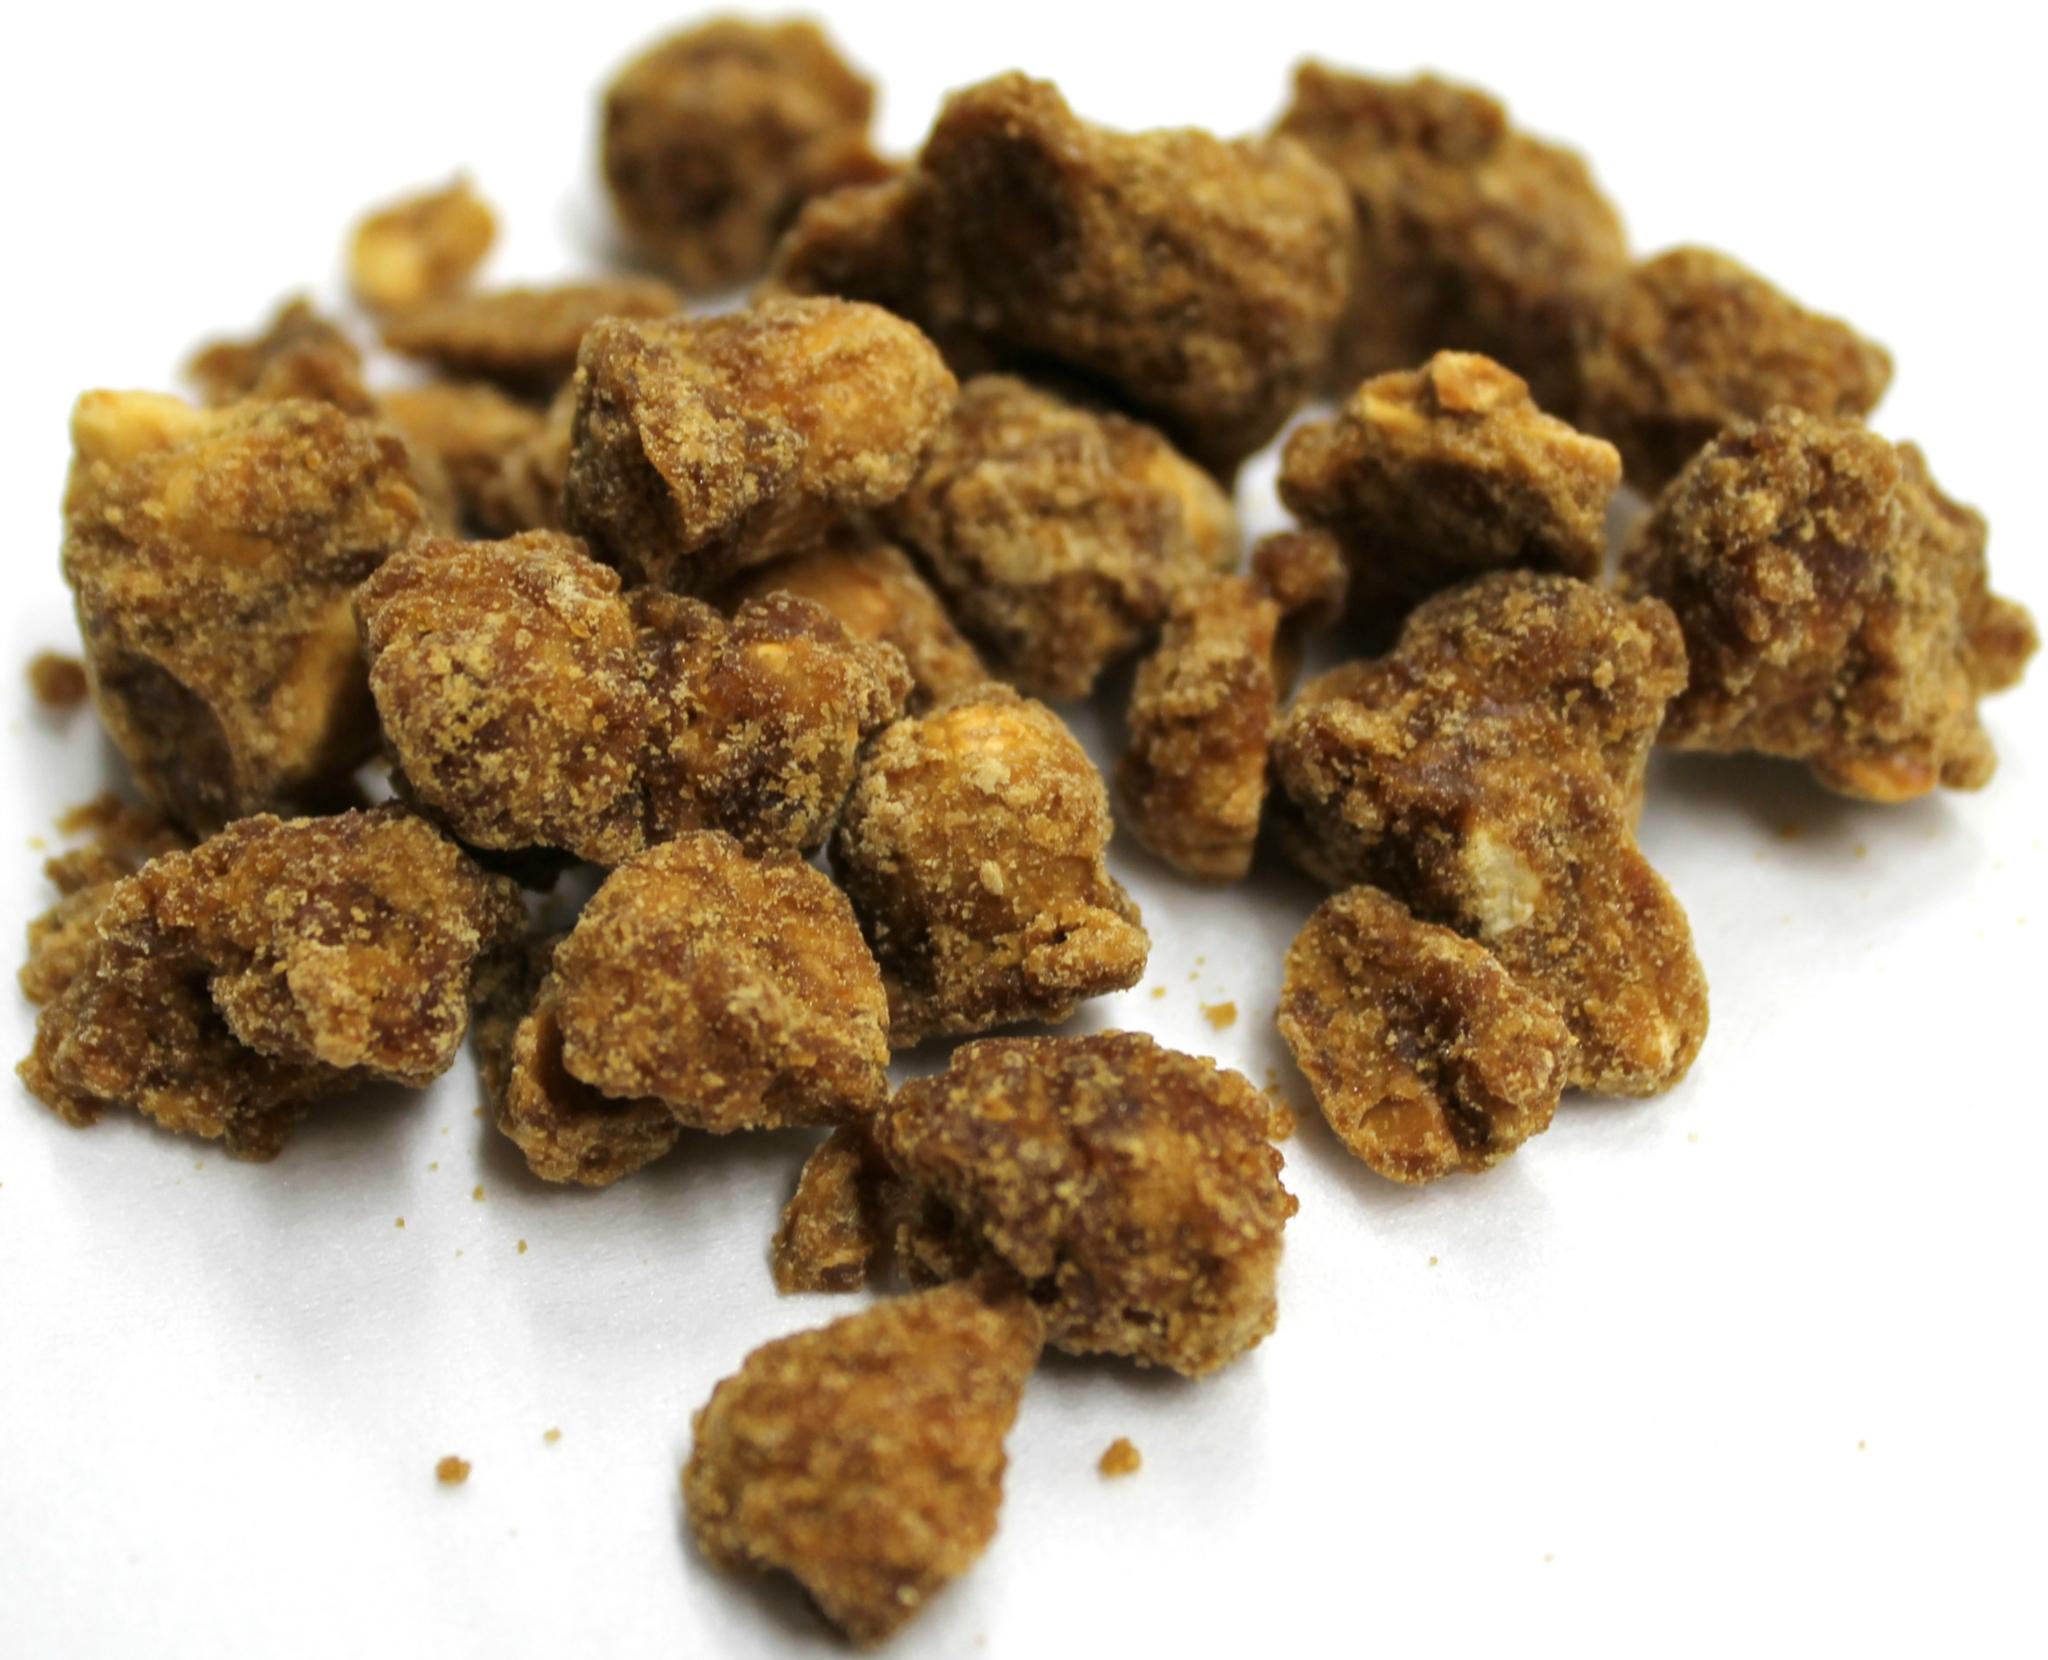 白砂糖よりカロリー低め!?黒糖でおいしく栄養補給レシピ♪のサムネイル画像